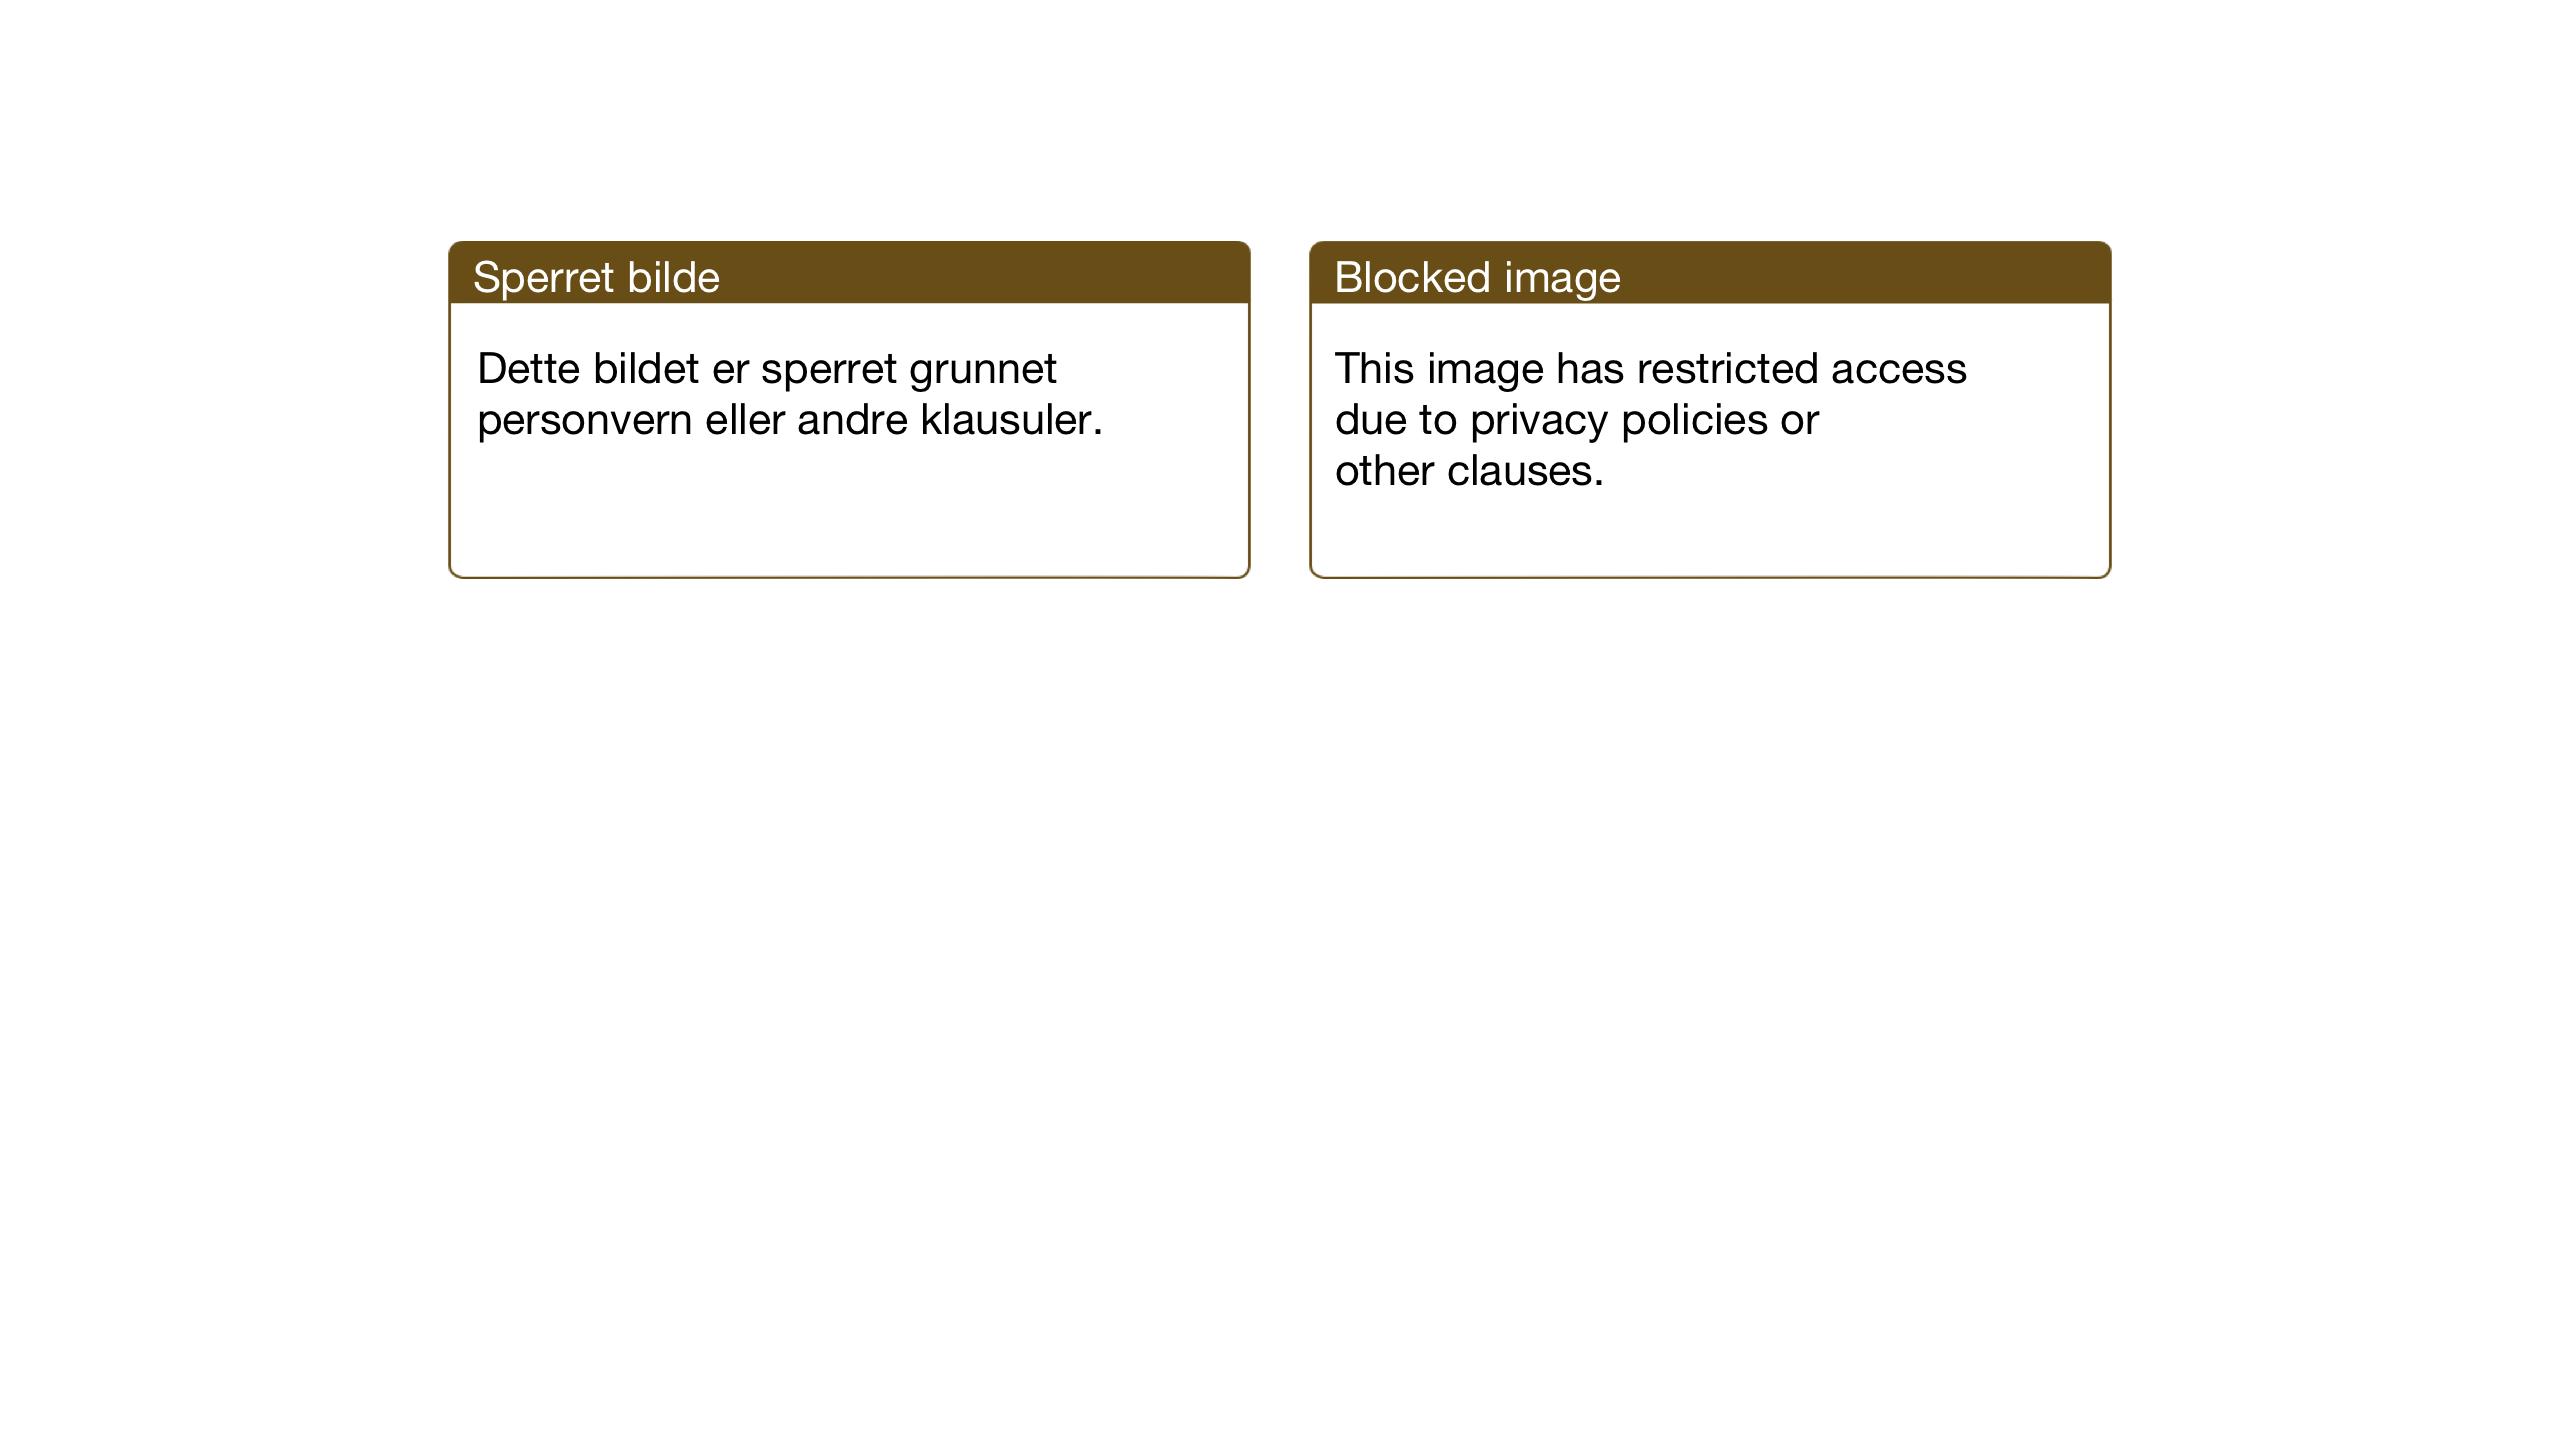 SAT, Ministerialprotokoller, klokkerbøker og fødselsregistre - Nord-Trøndelag, 744/L0425: Klokkerbok nr. 744C04, 1924-1947, s. 134